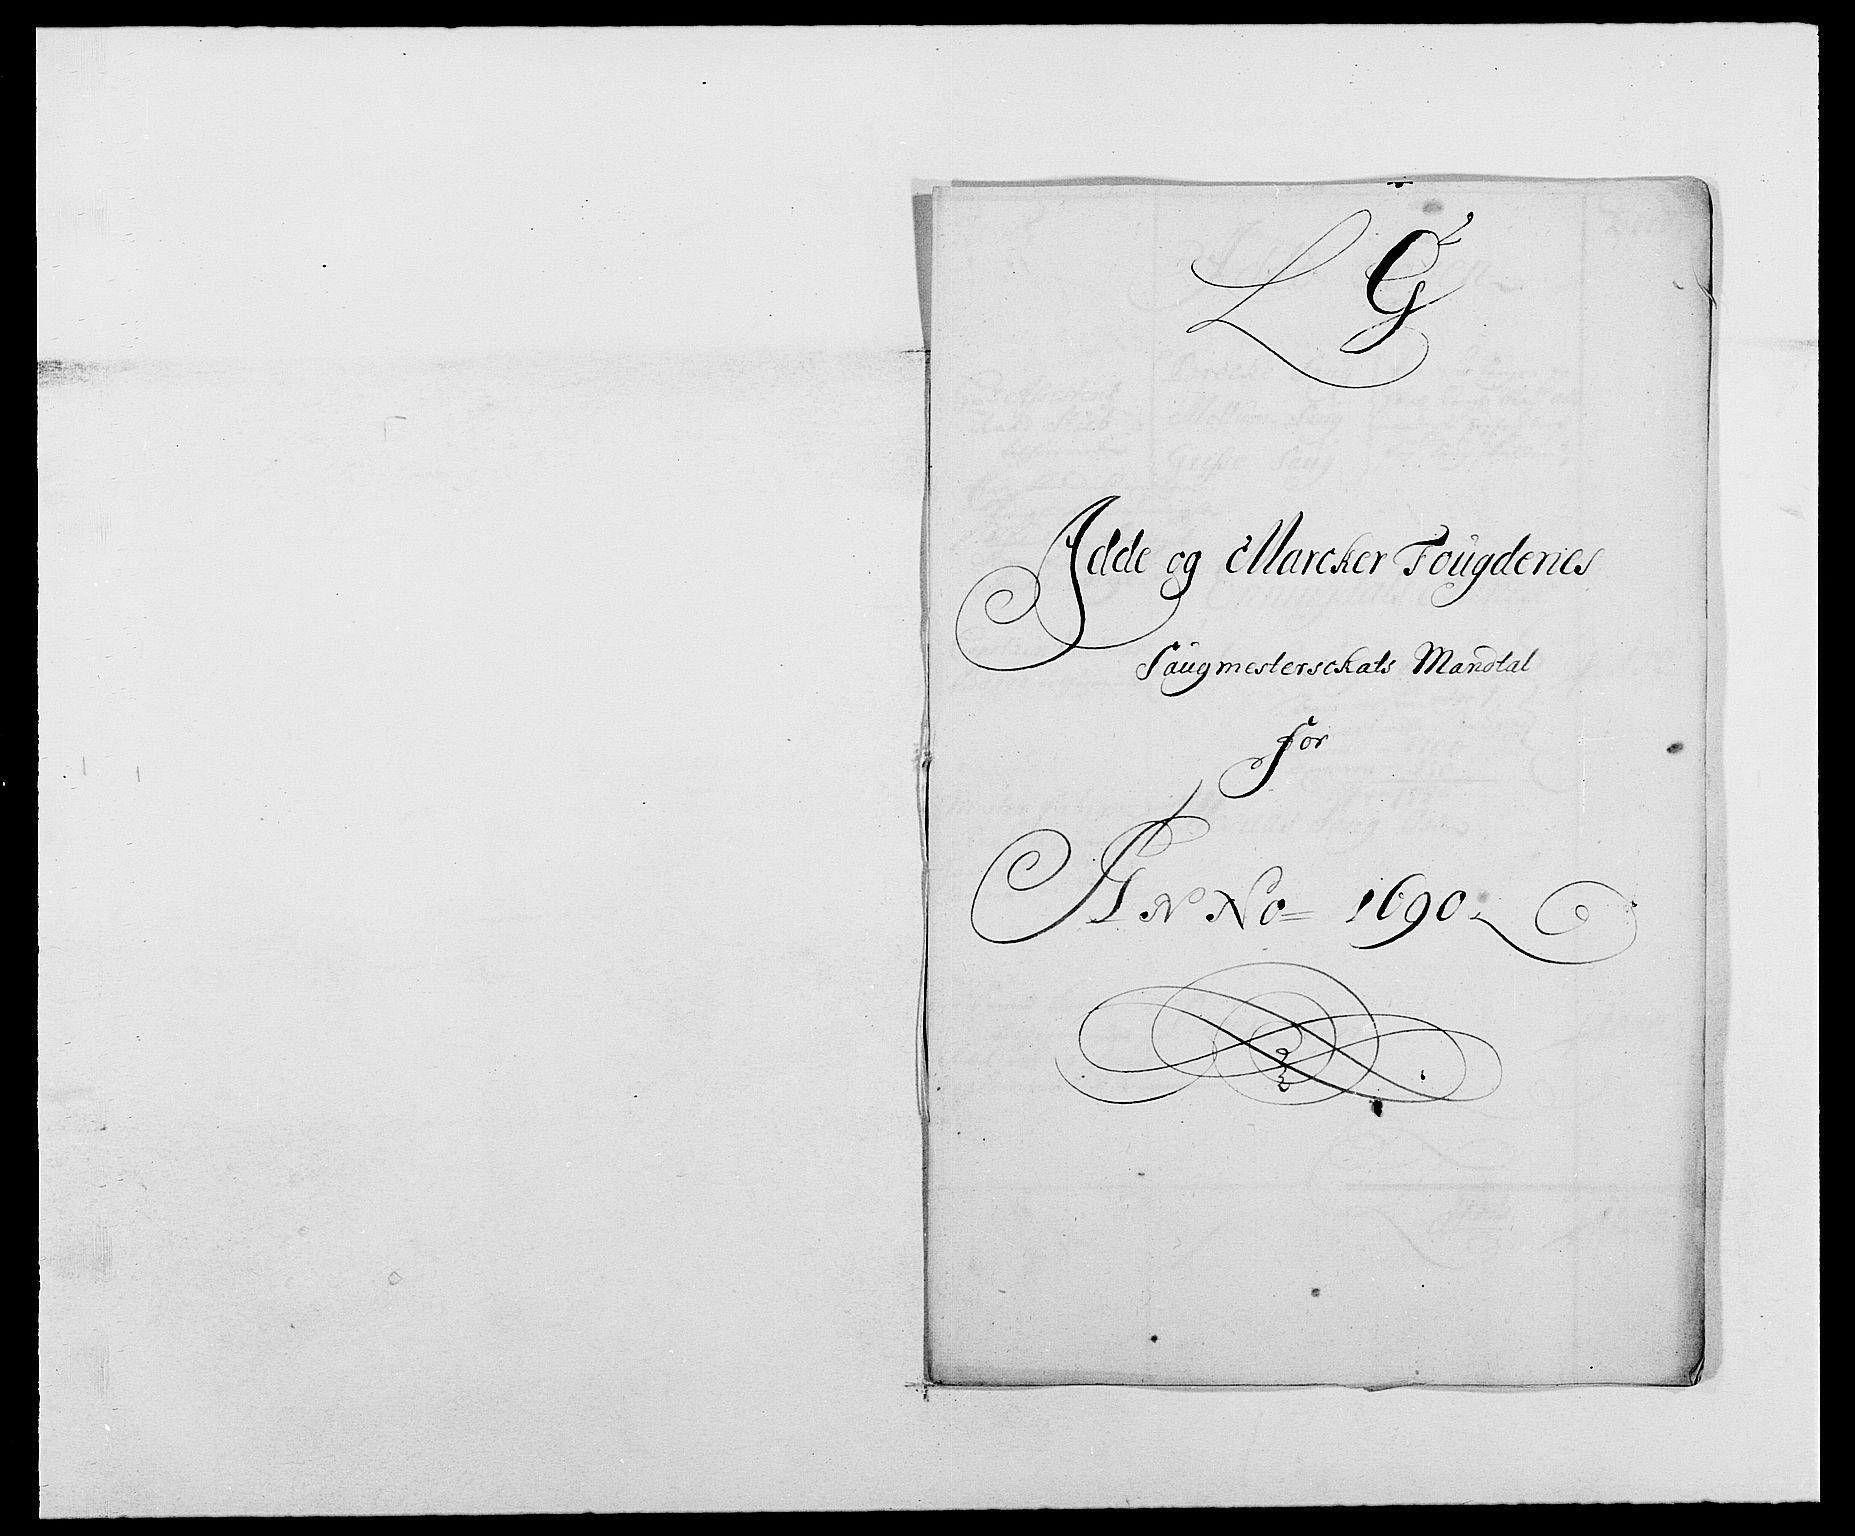 RA, Rentekammeret inntil 1814, Reviderte regnskaper, Fogderegnskap, R01/L0010: Fogderegnskap Idd og Marker, 1690-1691, s. 243